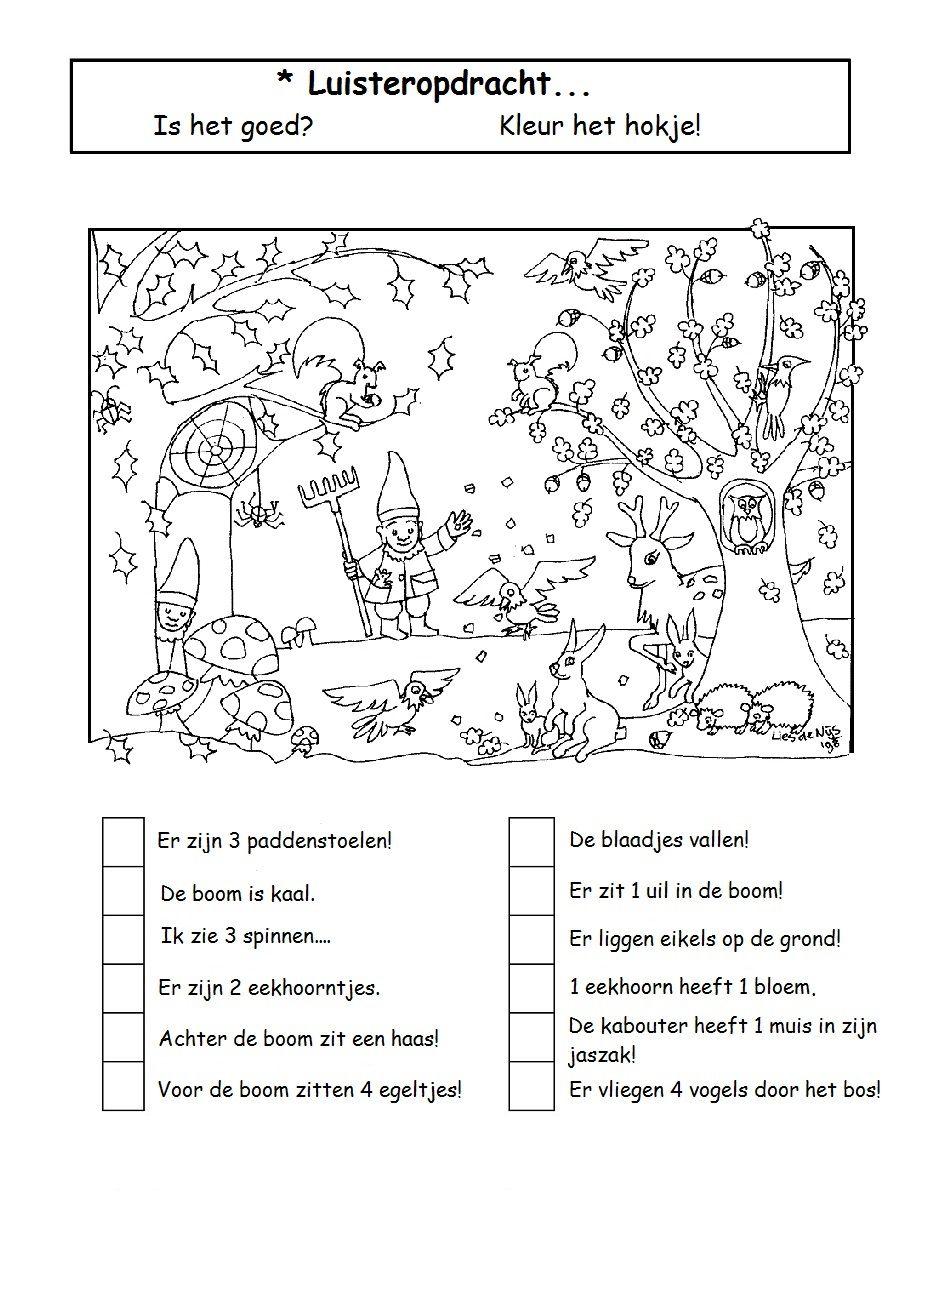 Luisteropdracht Herfst Projecten Schrijflessen Spellingsoefening